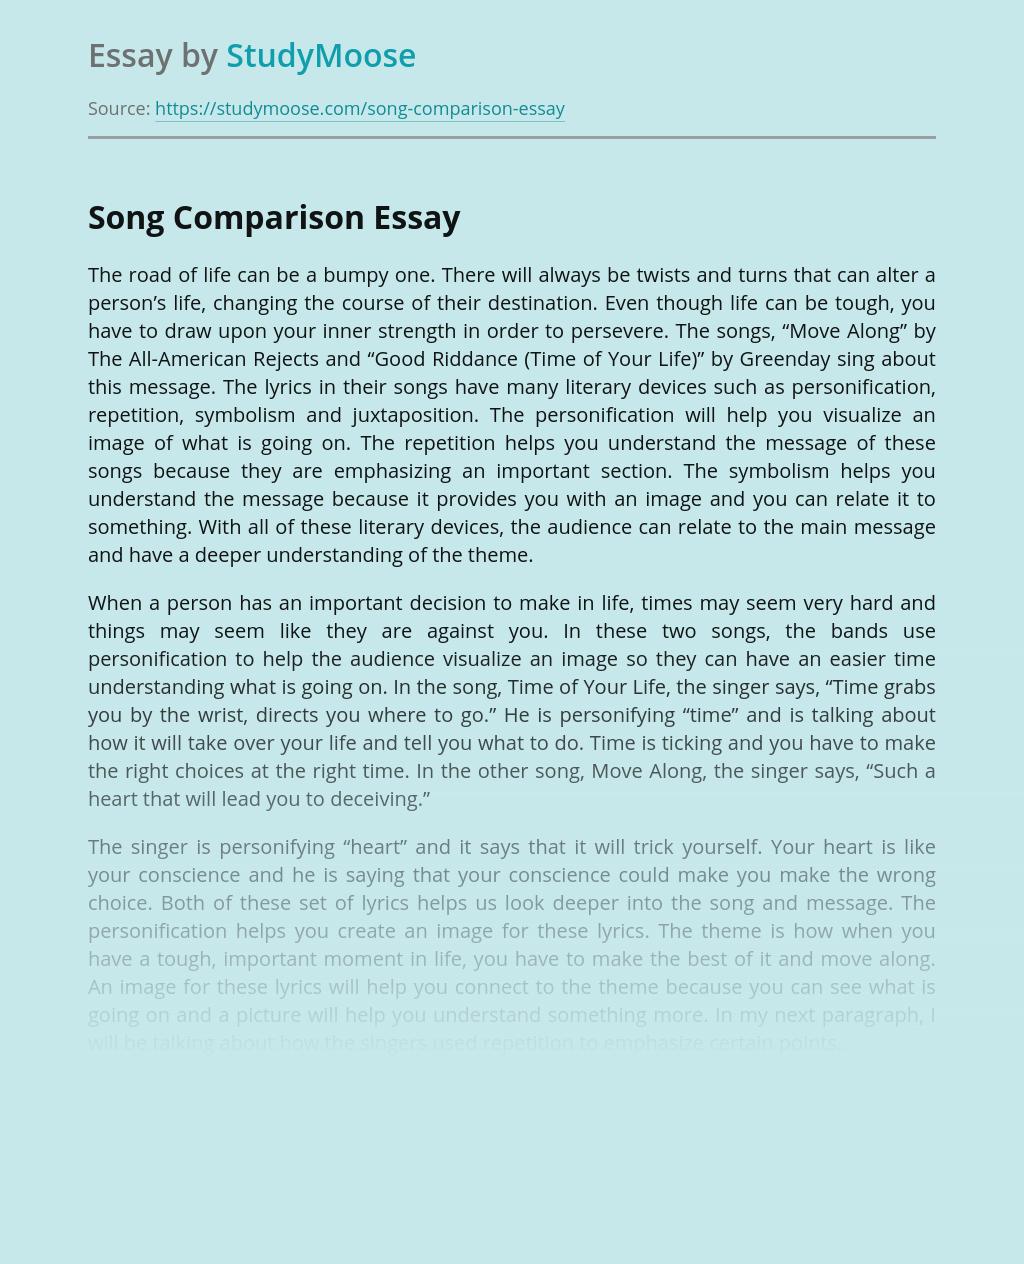 Song Comparison